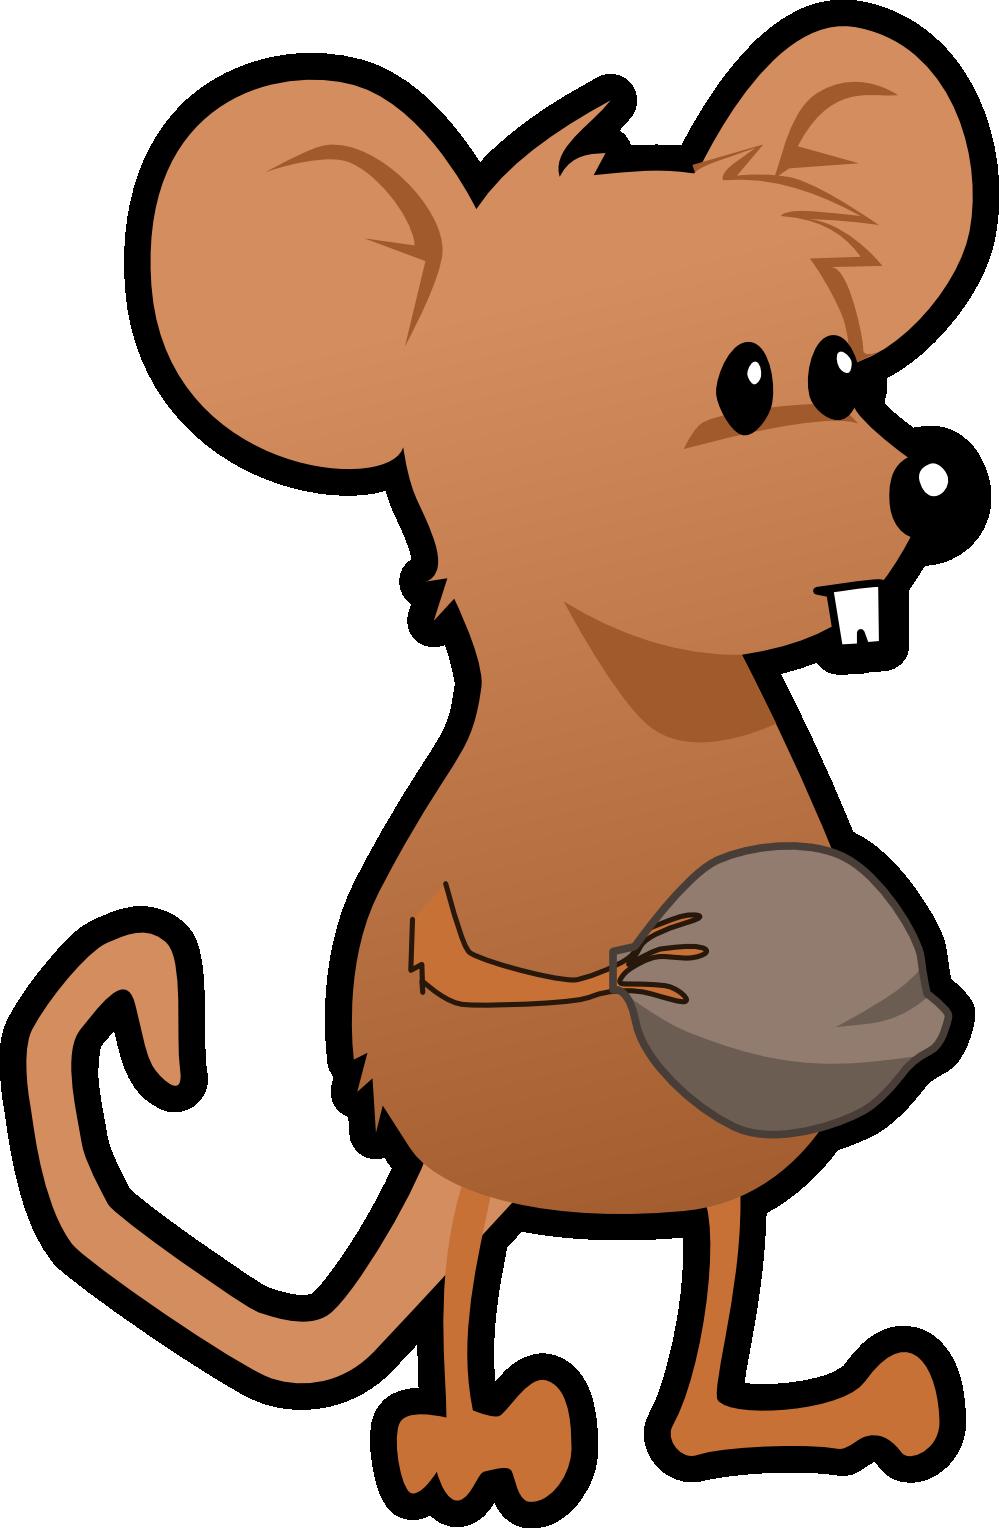 Rat Clip Art at Clker.com - vector clip art online